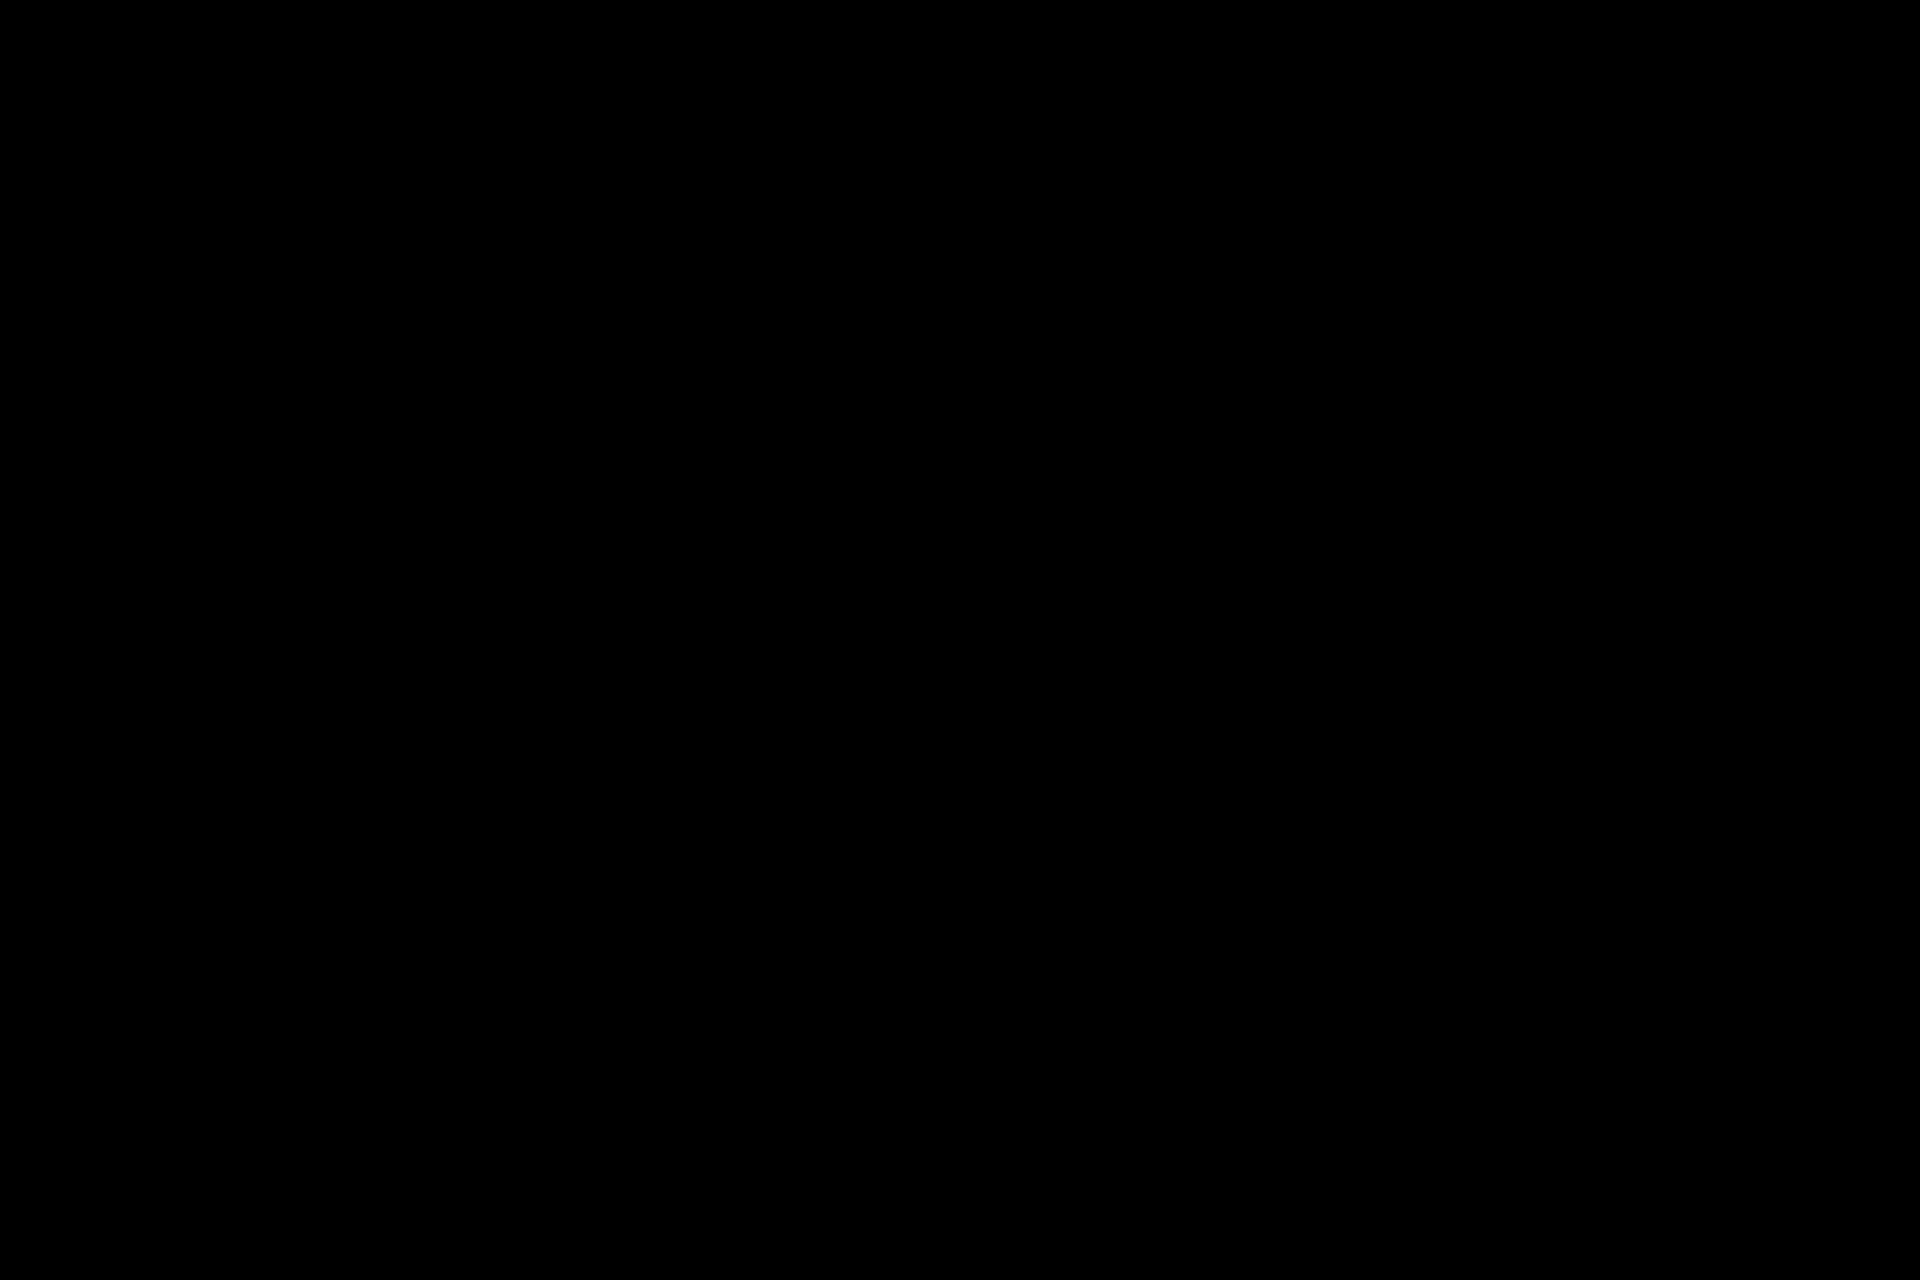 """""""Pasch halb acht"""" am 11. April 2019"""